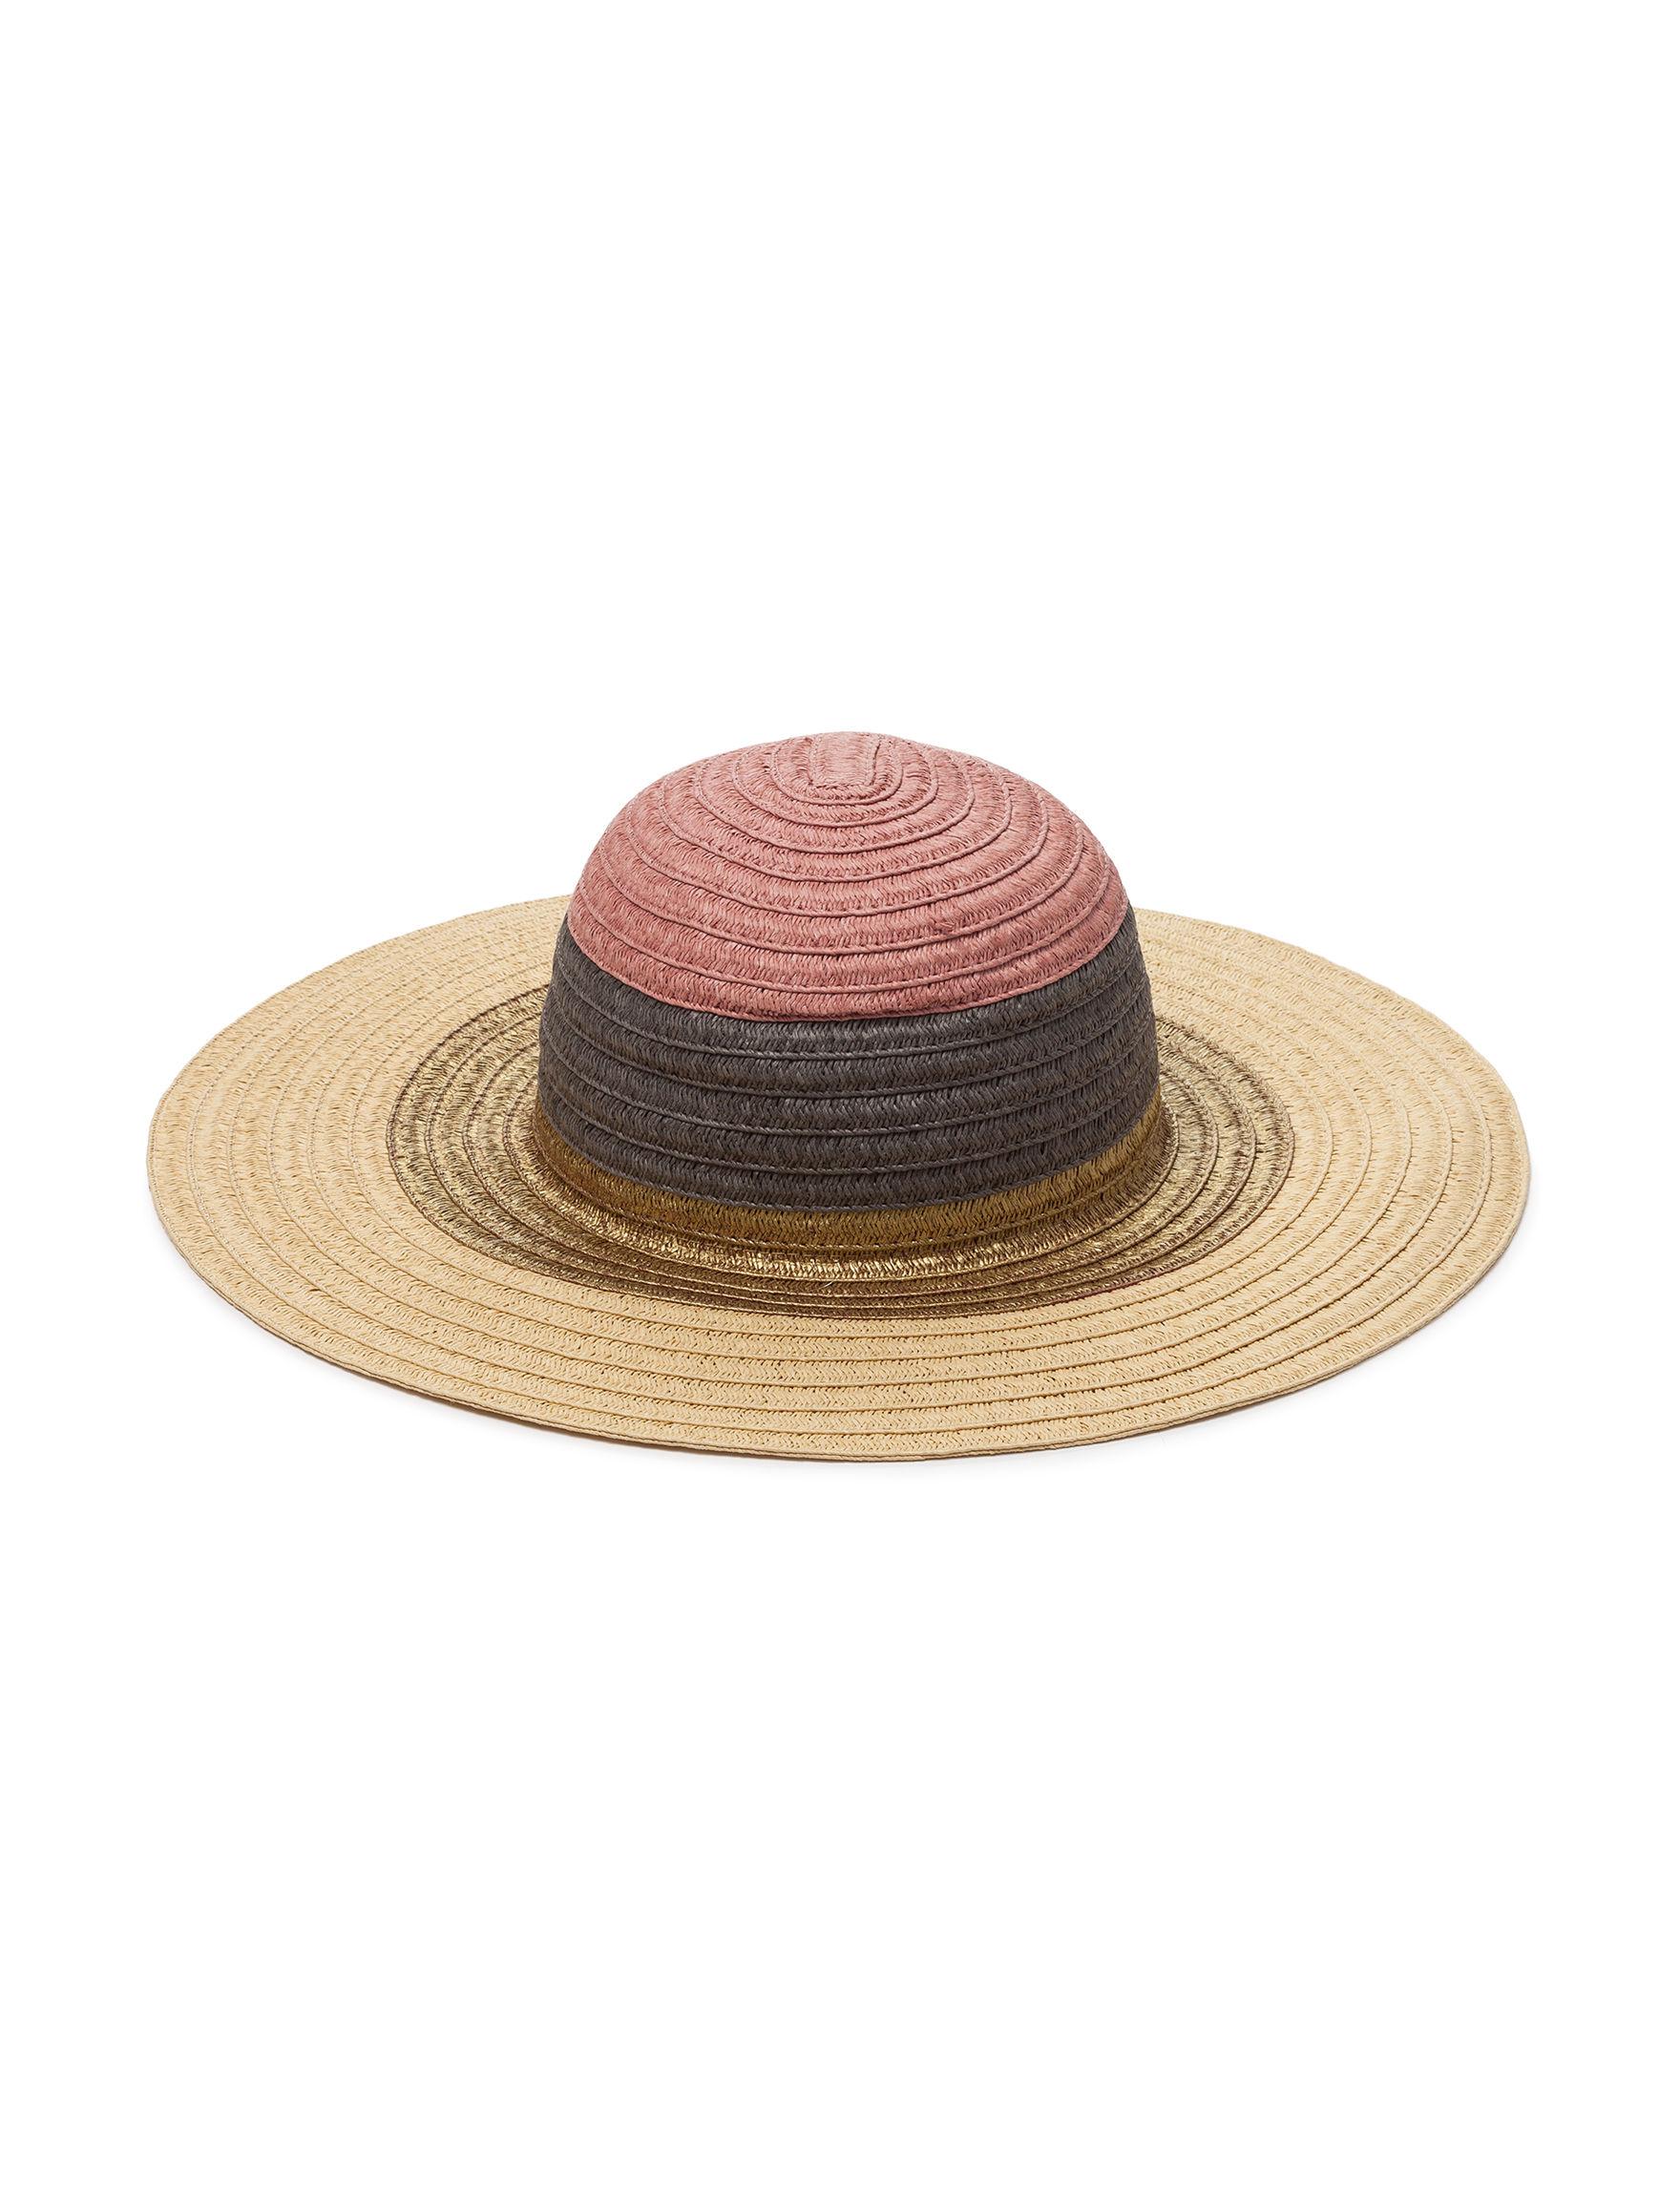 Lake Shore Drive Beige Hats & Headwear